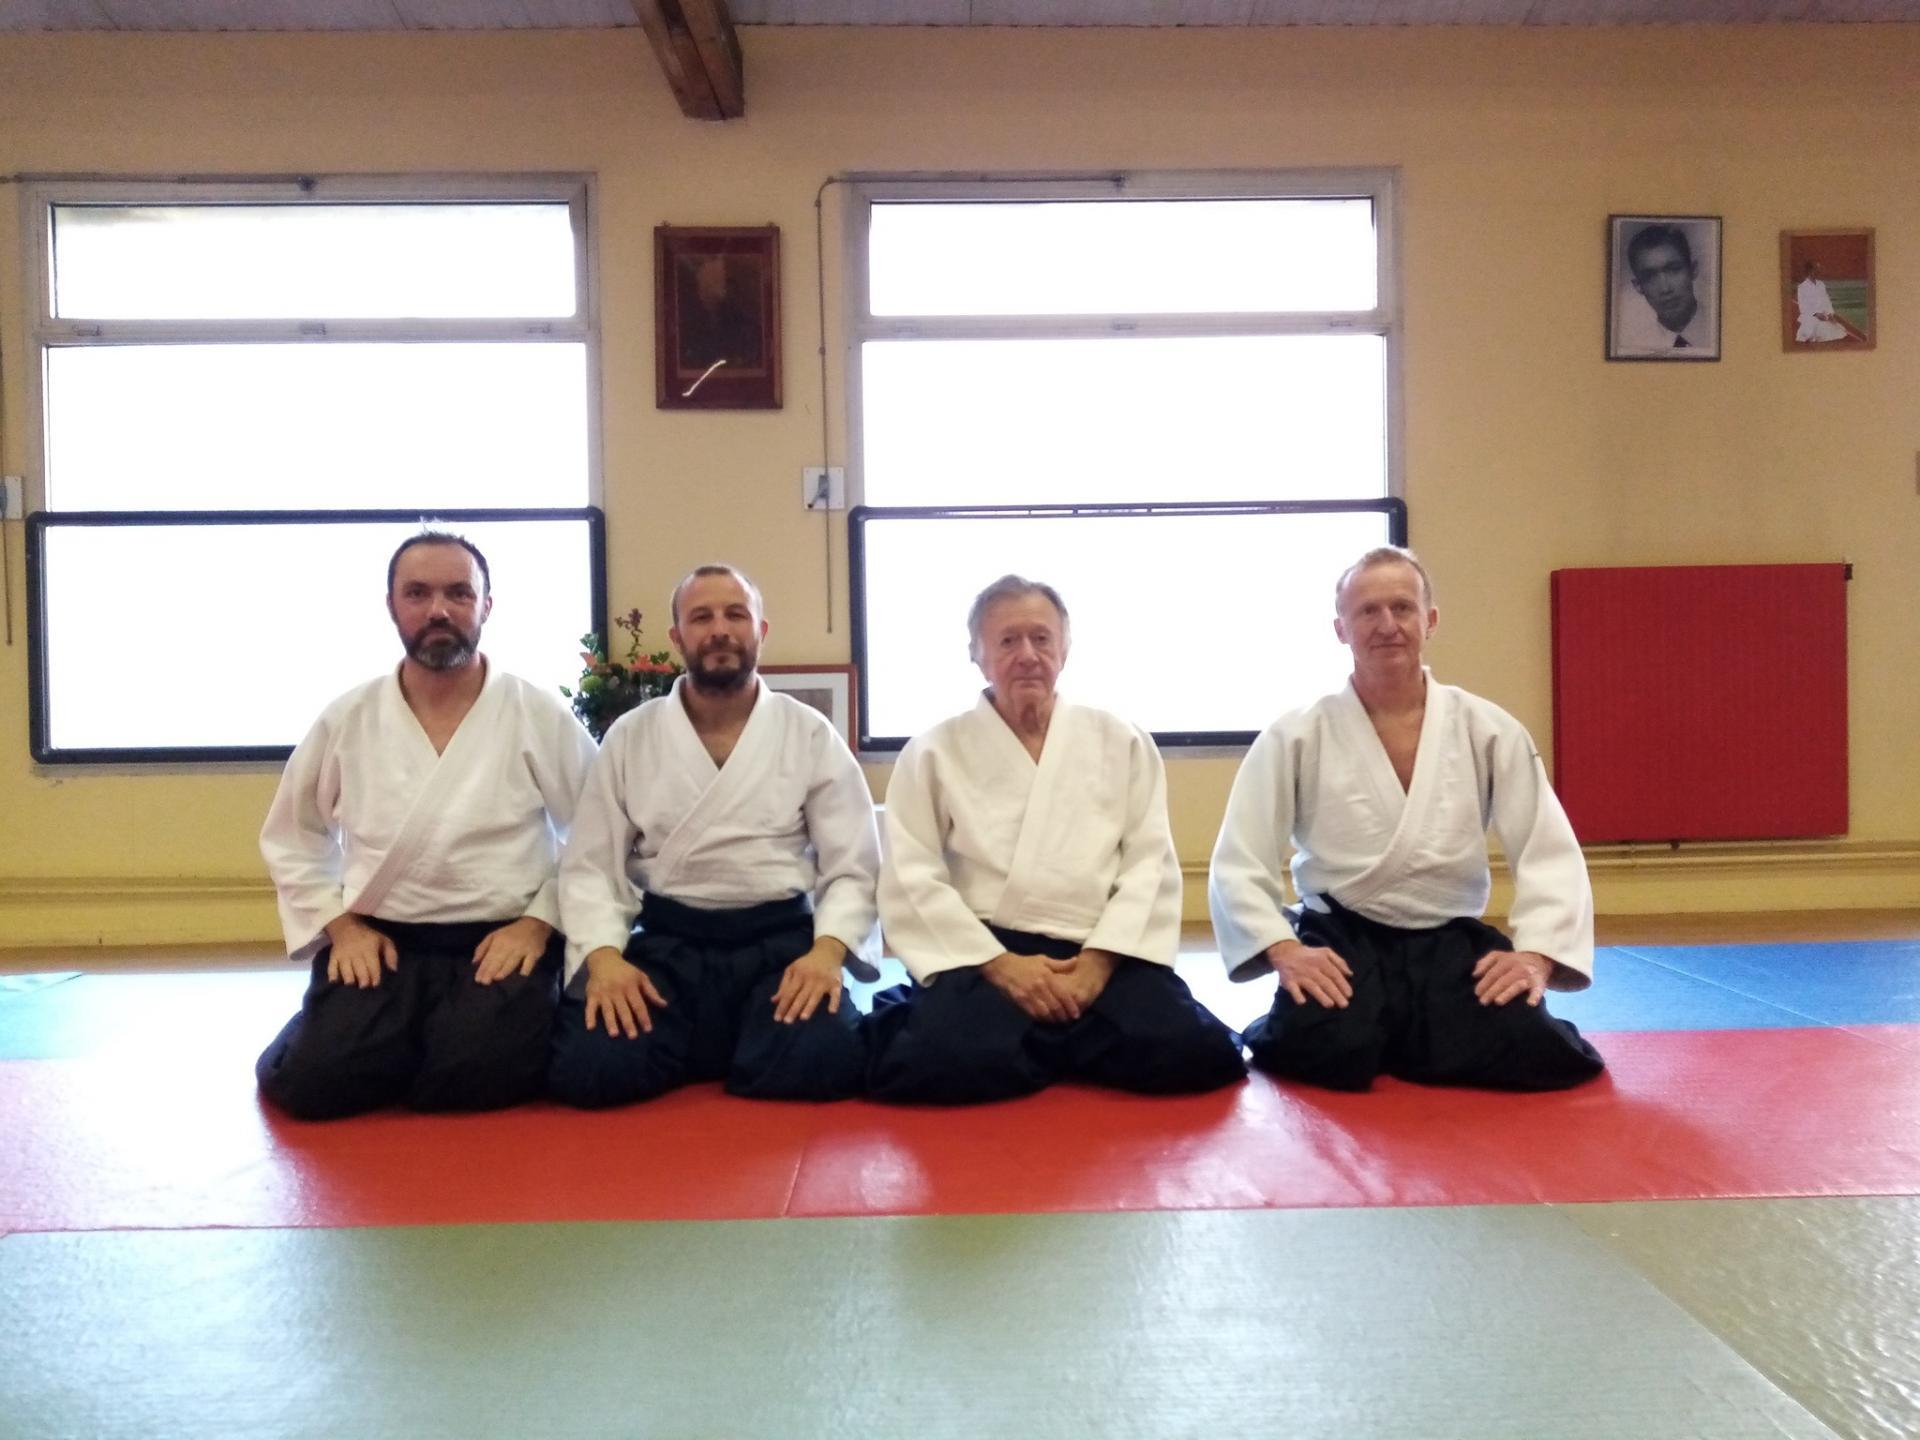 Ora aïkido représenté à Bures au côté de Gérard Blaize